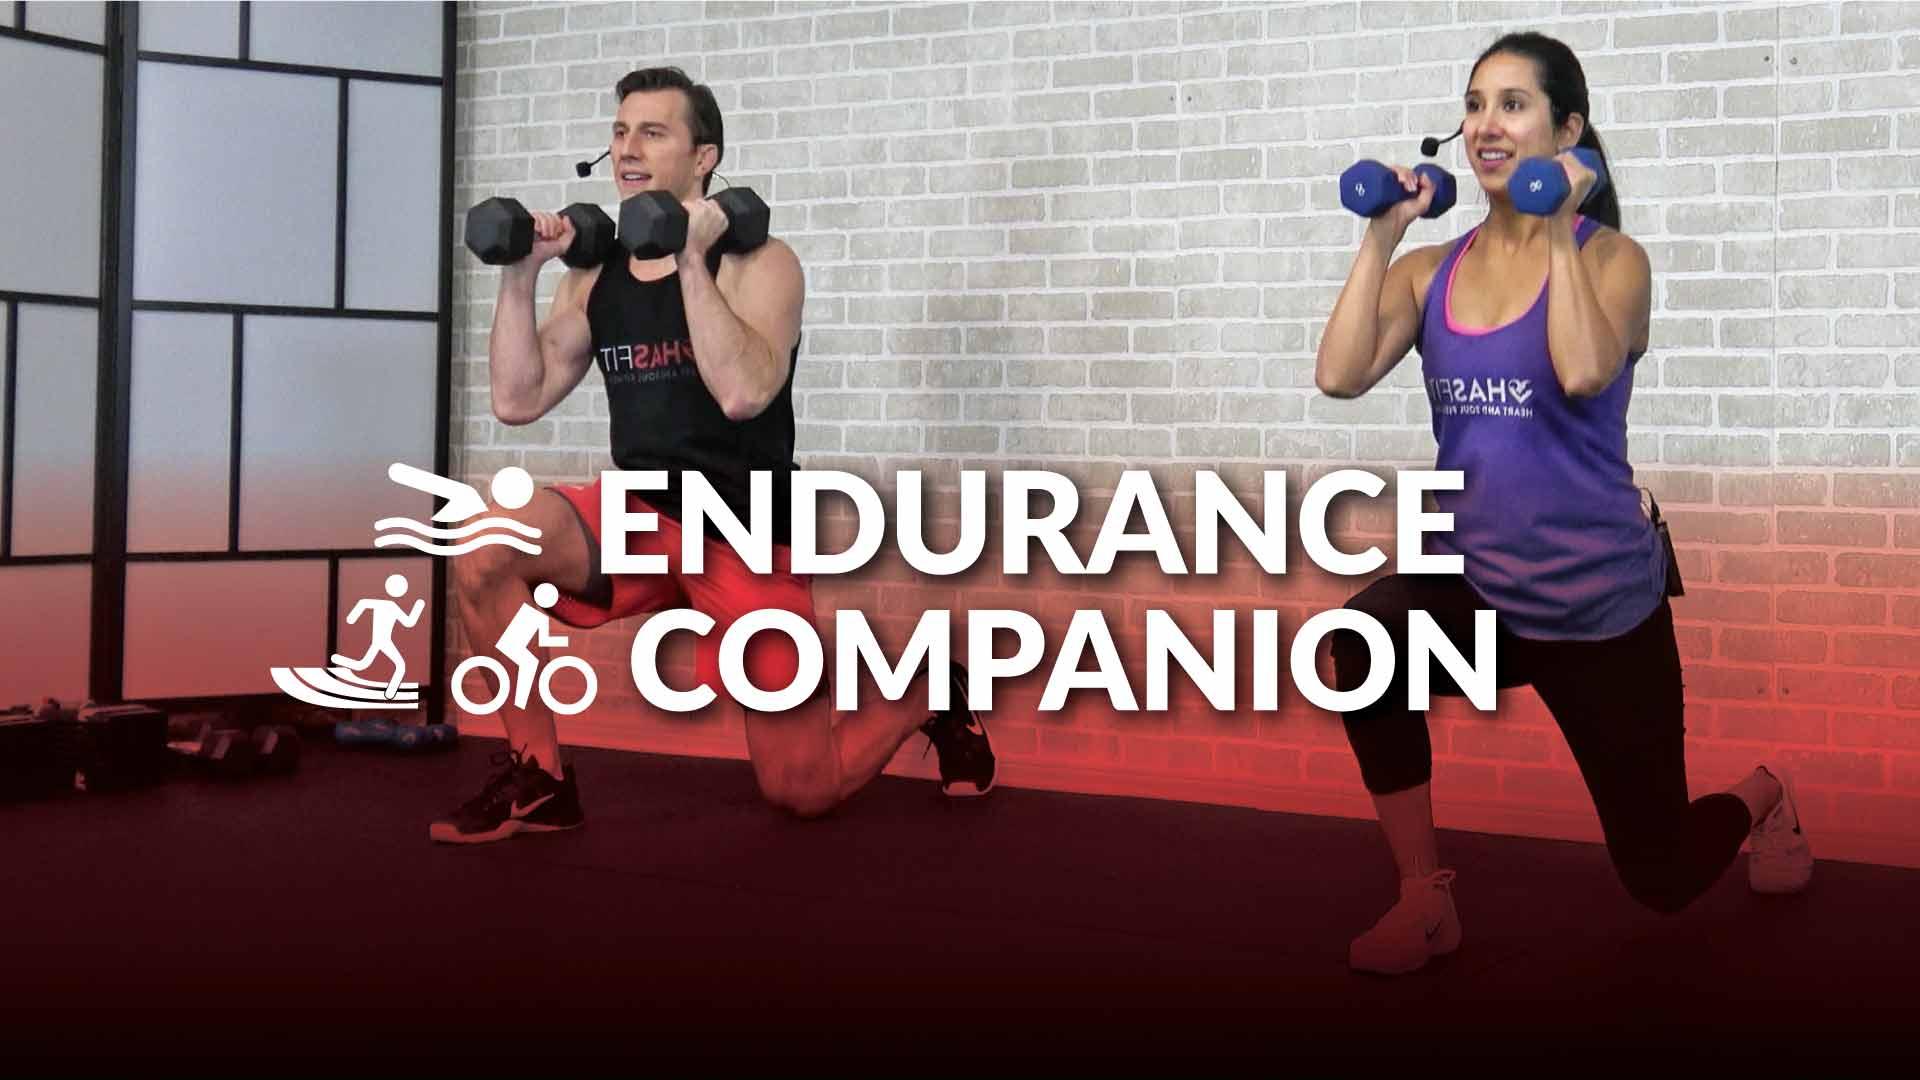 Endurance Athlete Training Program